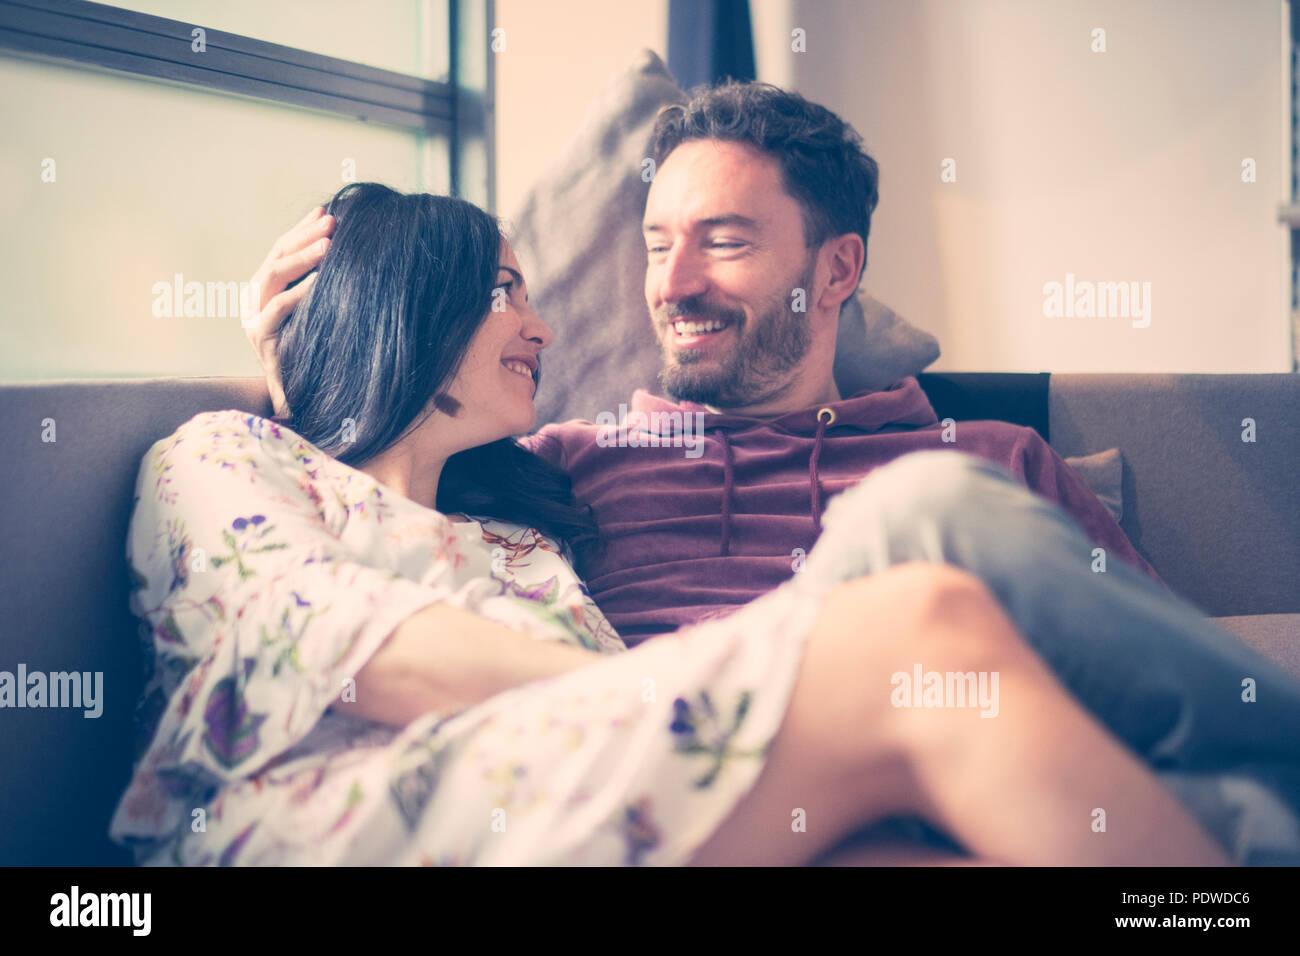 Alegre hombre y mujer caucásica en las actividades de ocio en el hogar sonrisa y disfrutar de la vida esperando un nuevo bebé a completar la pareja y la familia. Feliz púb Imagen De Stock